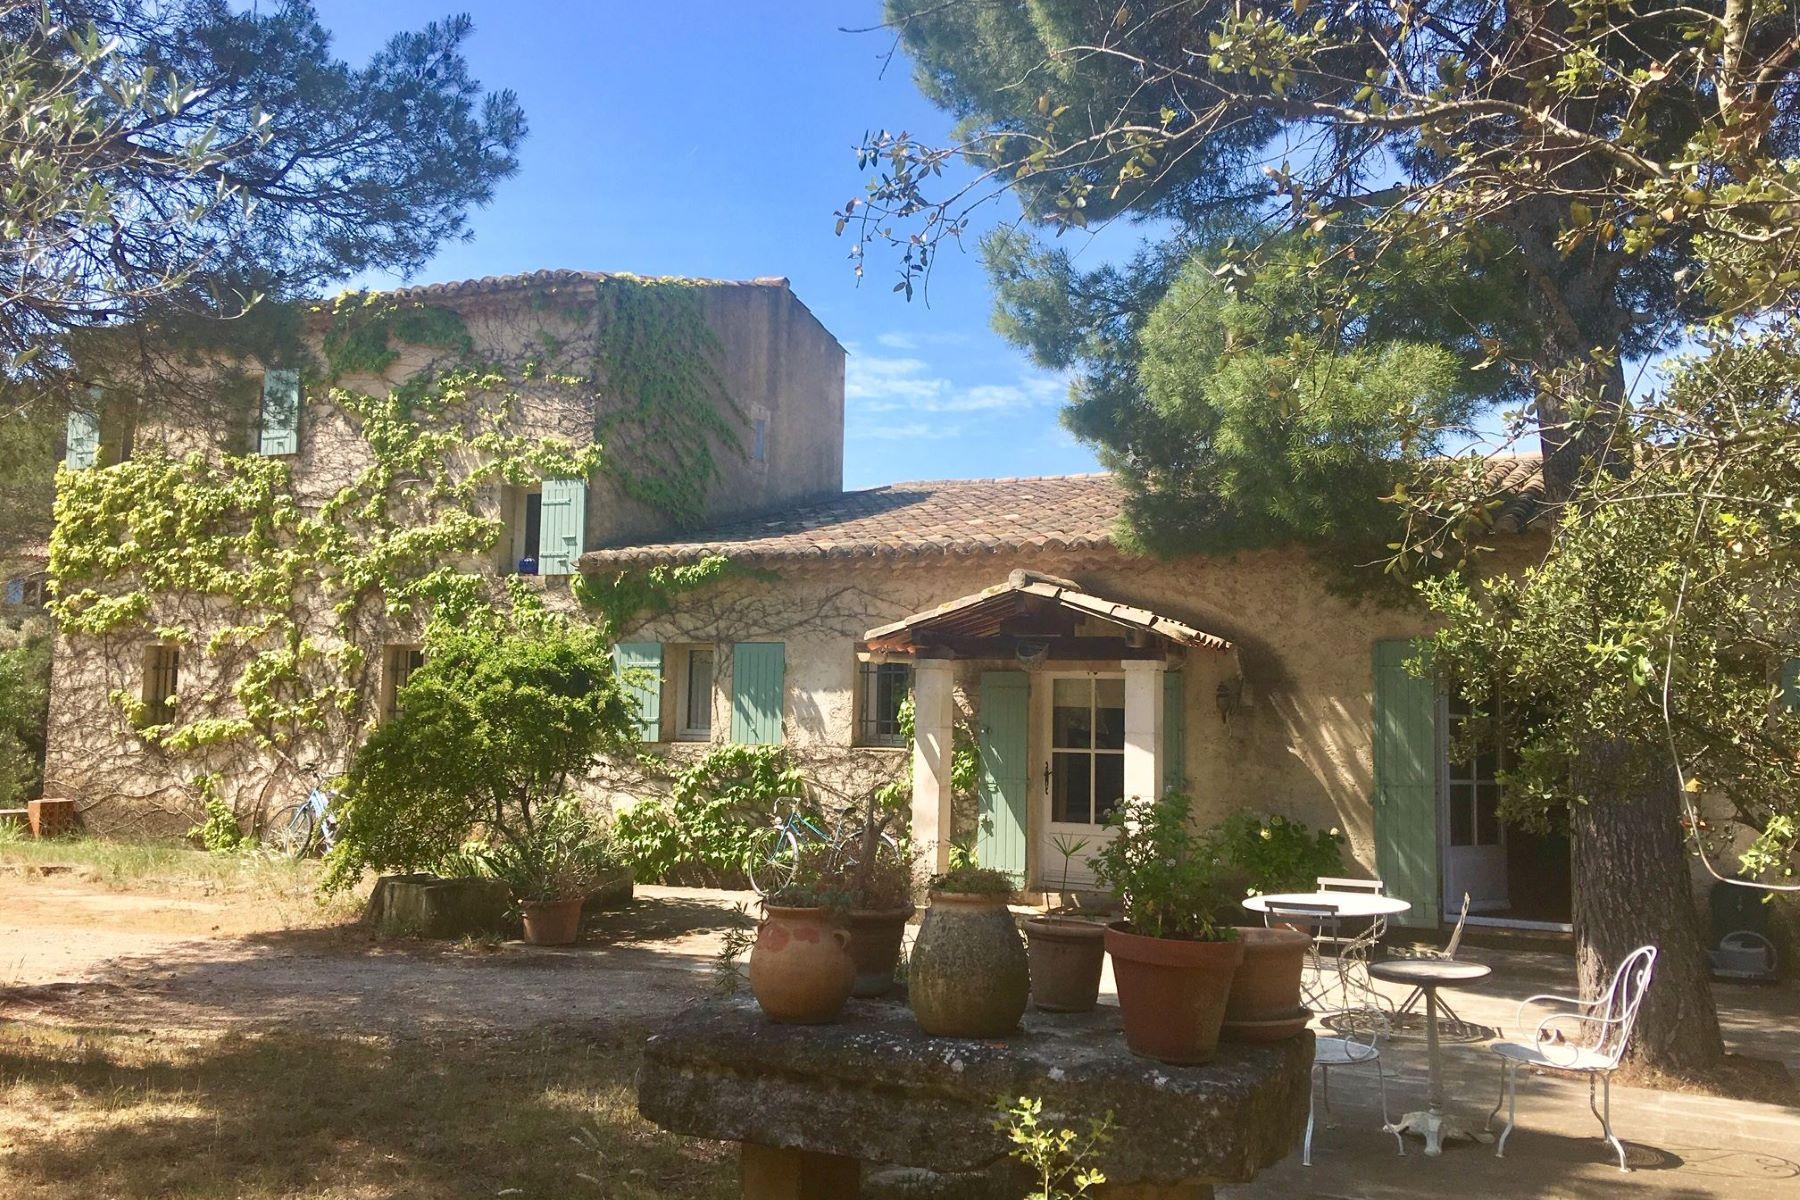 Single Family Homes por un Venta en Maison provençale située à Maussane Les Alpilles Maussane Les Alpilles, Provincia - Alpes - Costa Azul 13520 Francia